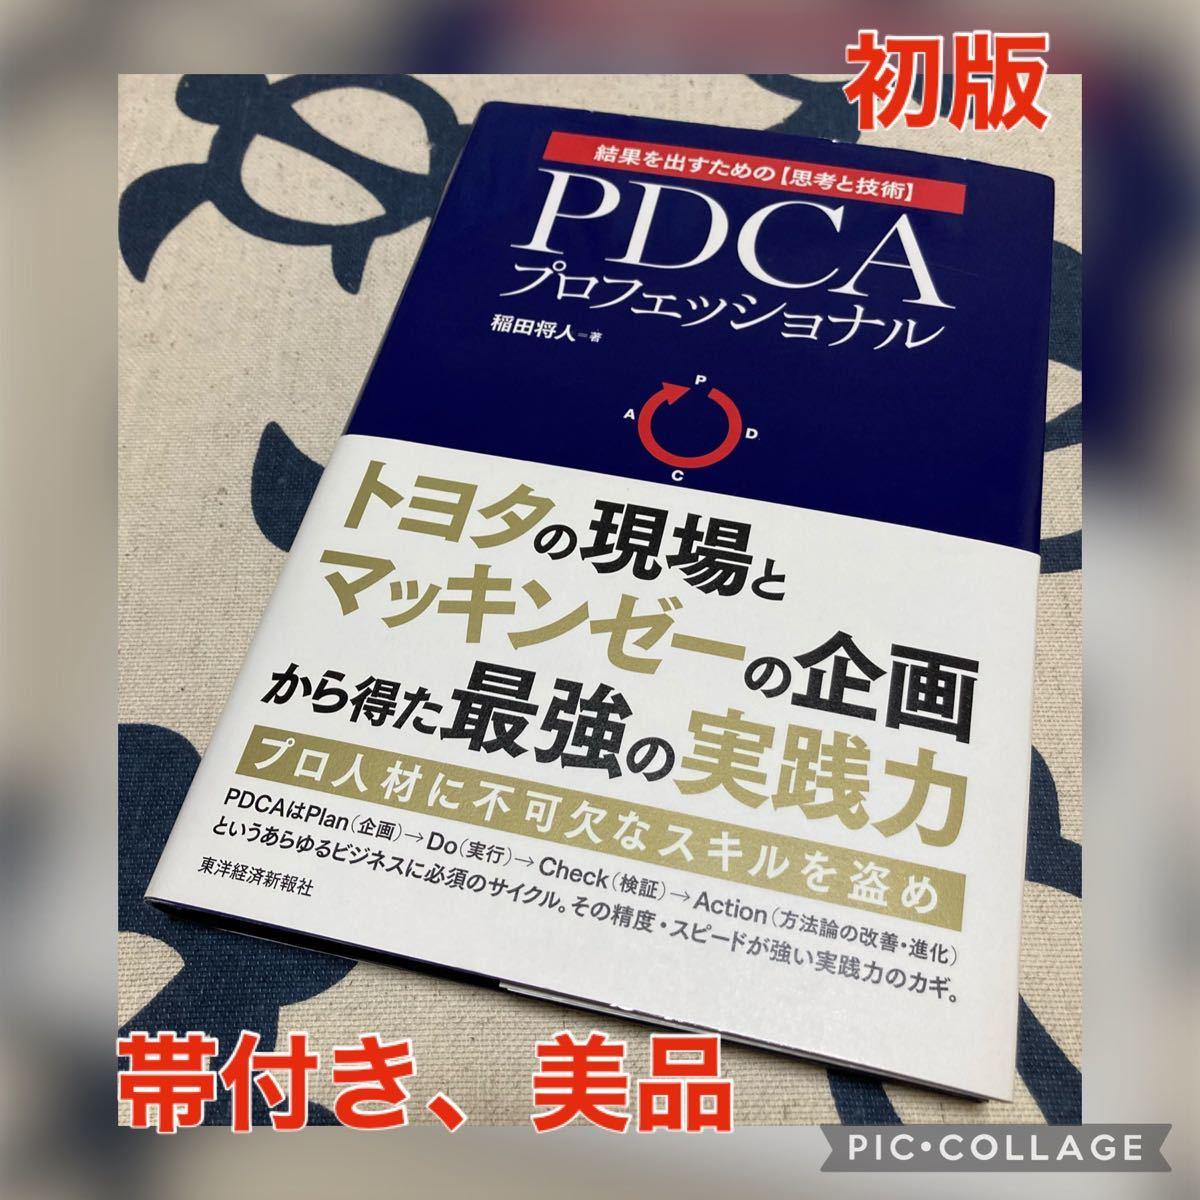 【初版美品】PDCAプロフェッショナル 結果を出すための 〈思考と技術〉 トヨタの現場×マッキンゼーの企画=最強の実践力/稲田将人